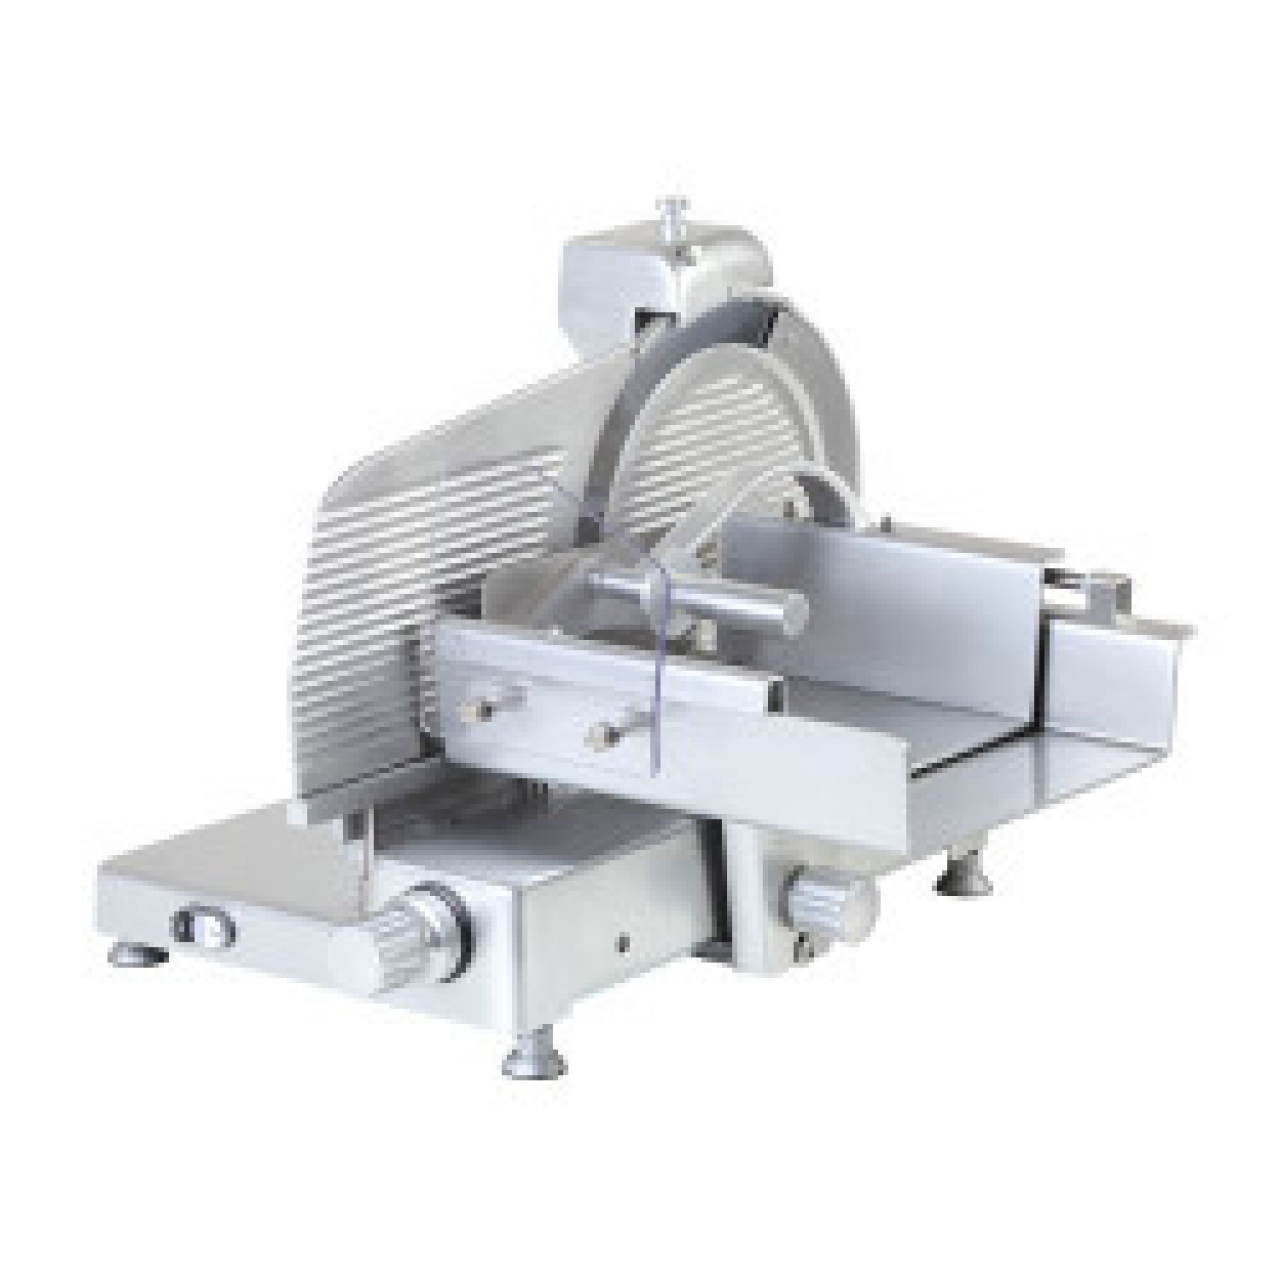 Slicer 260mm - tera 370mm